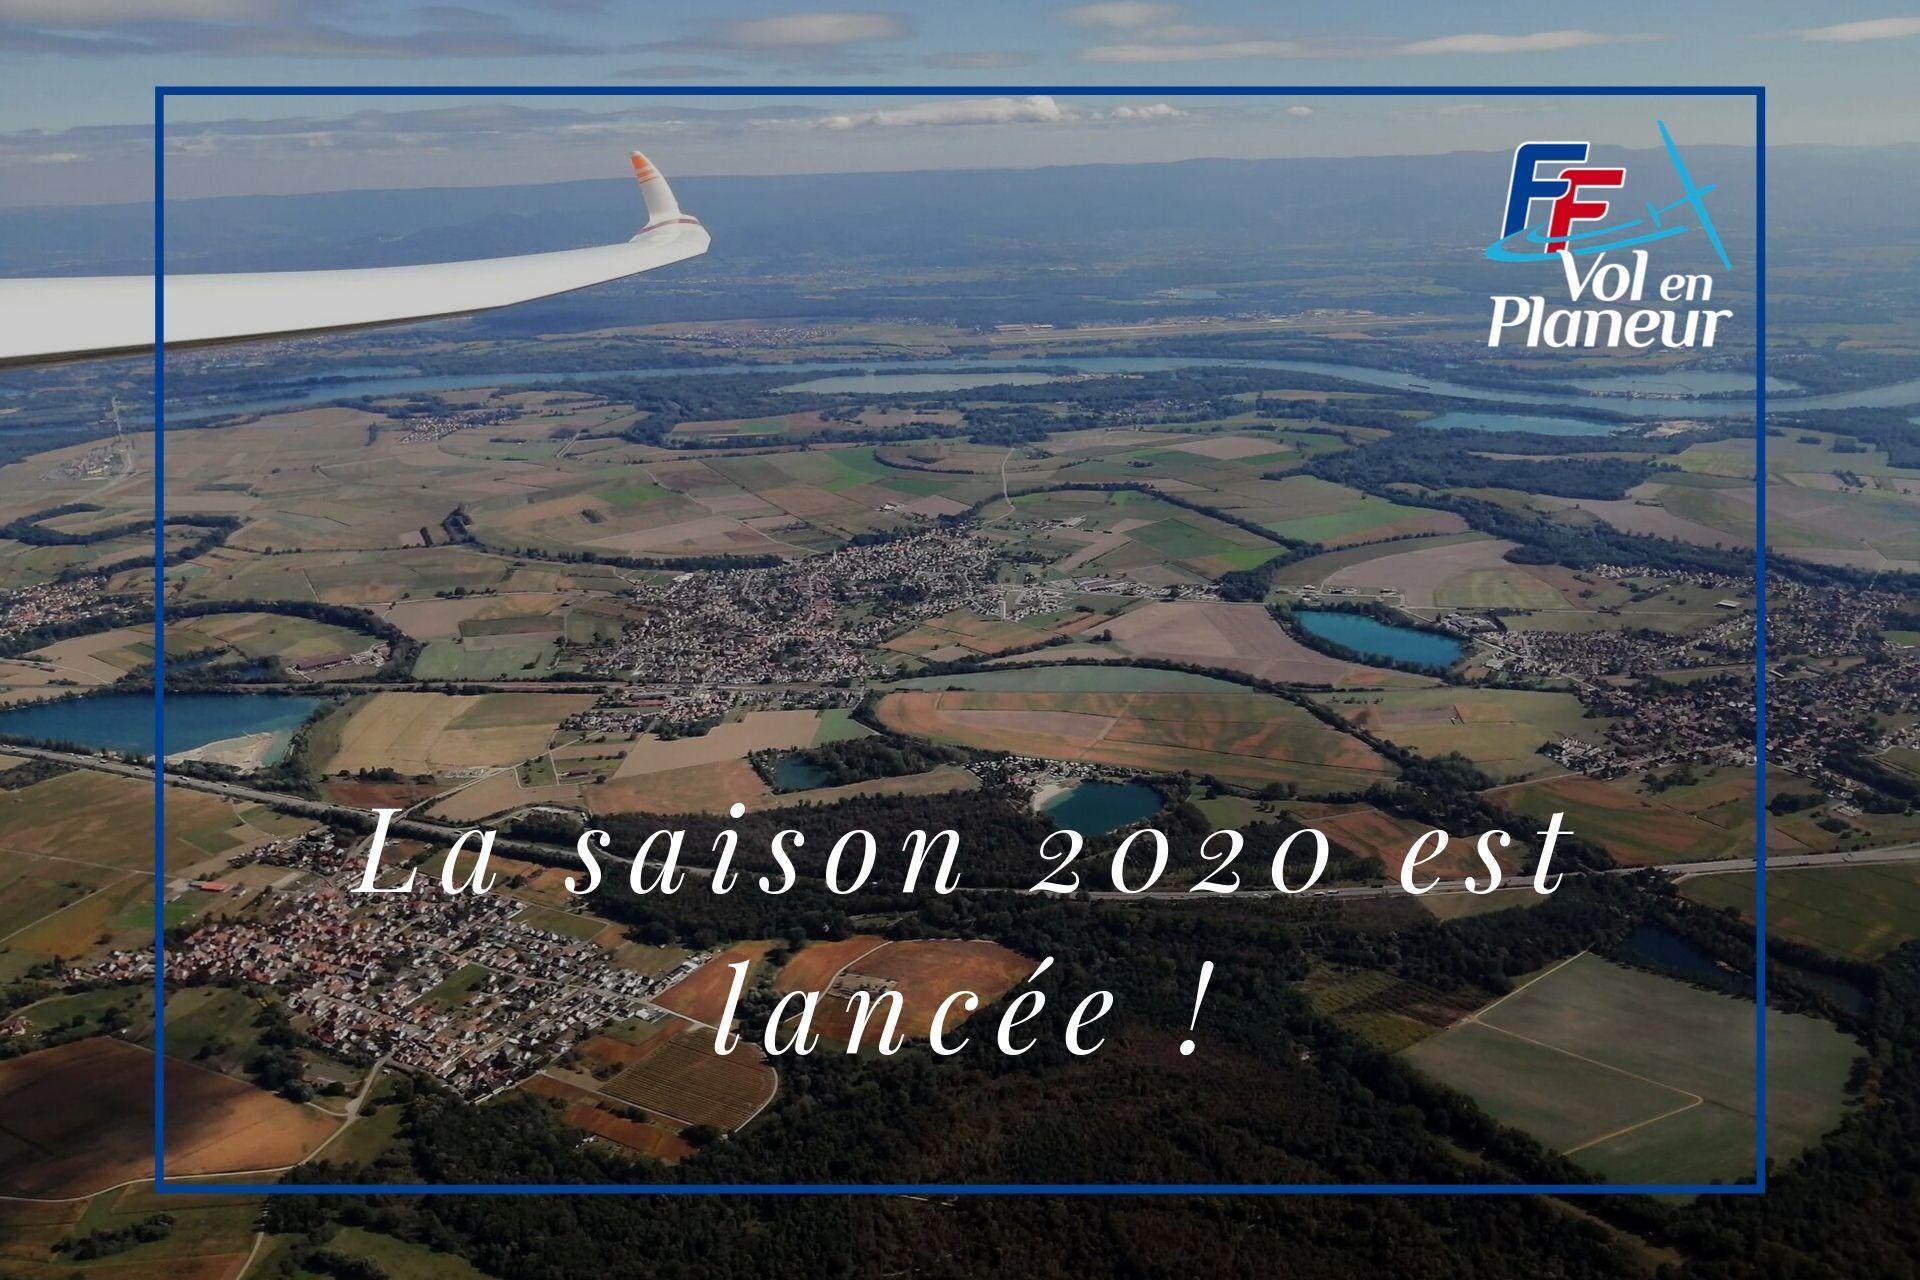 Top départ pour la saison 2020 !